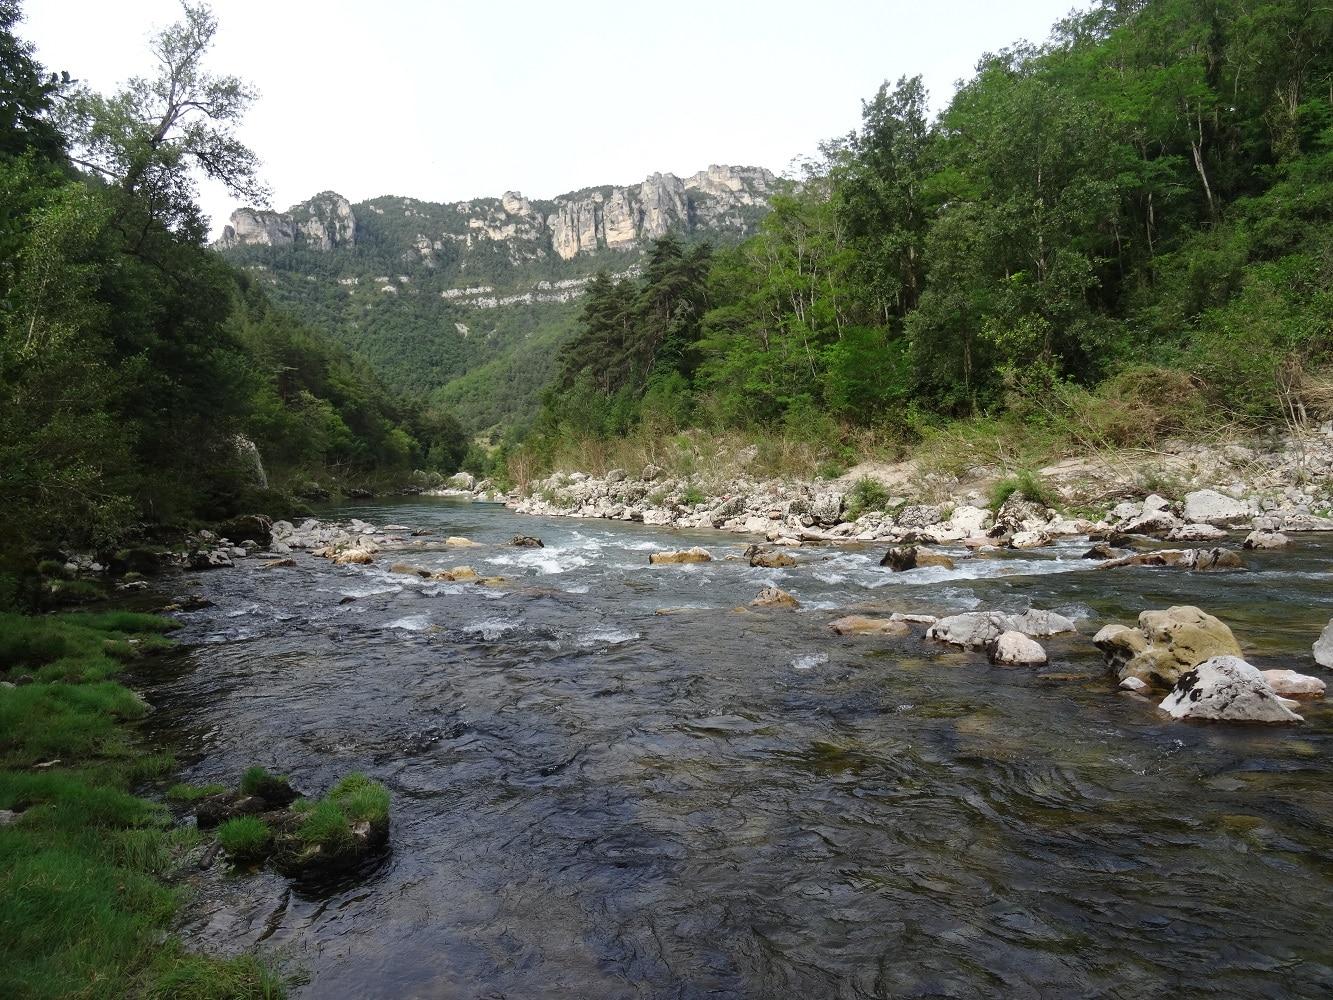 Fin du chemin de randonnée à la Sablière, Gorges du Tarn